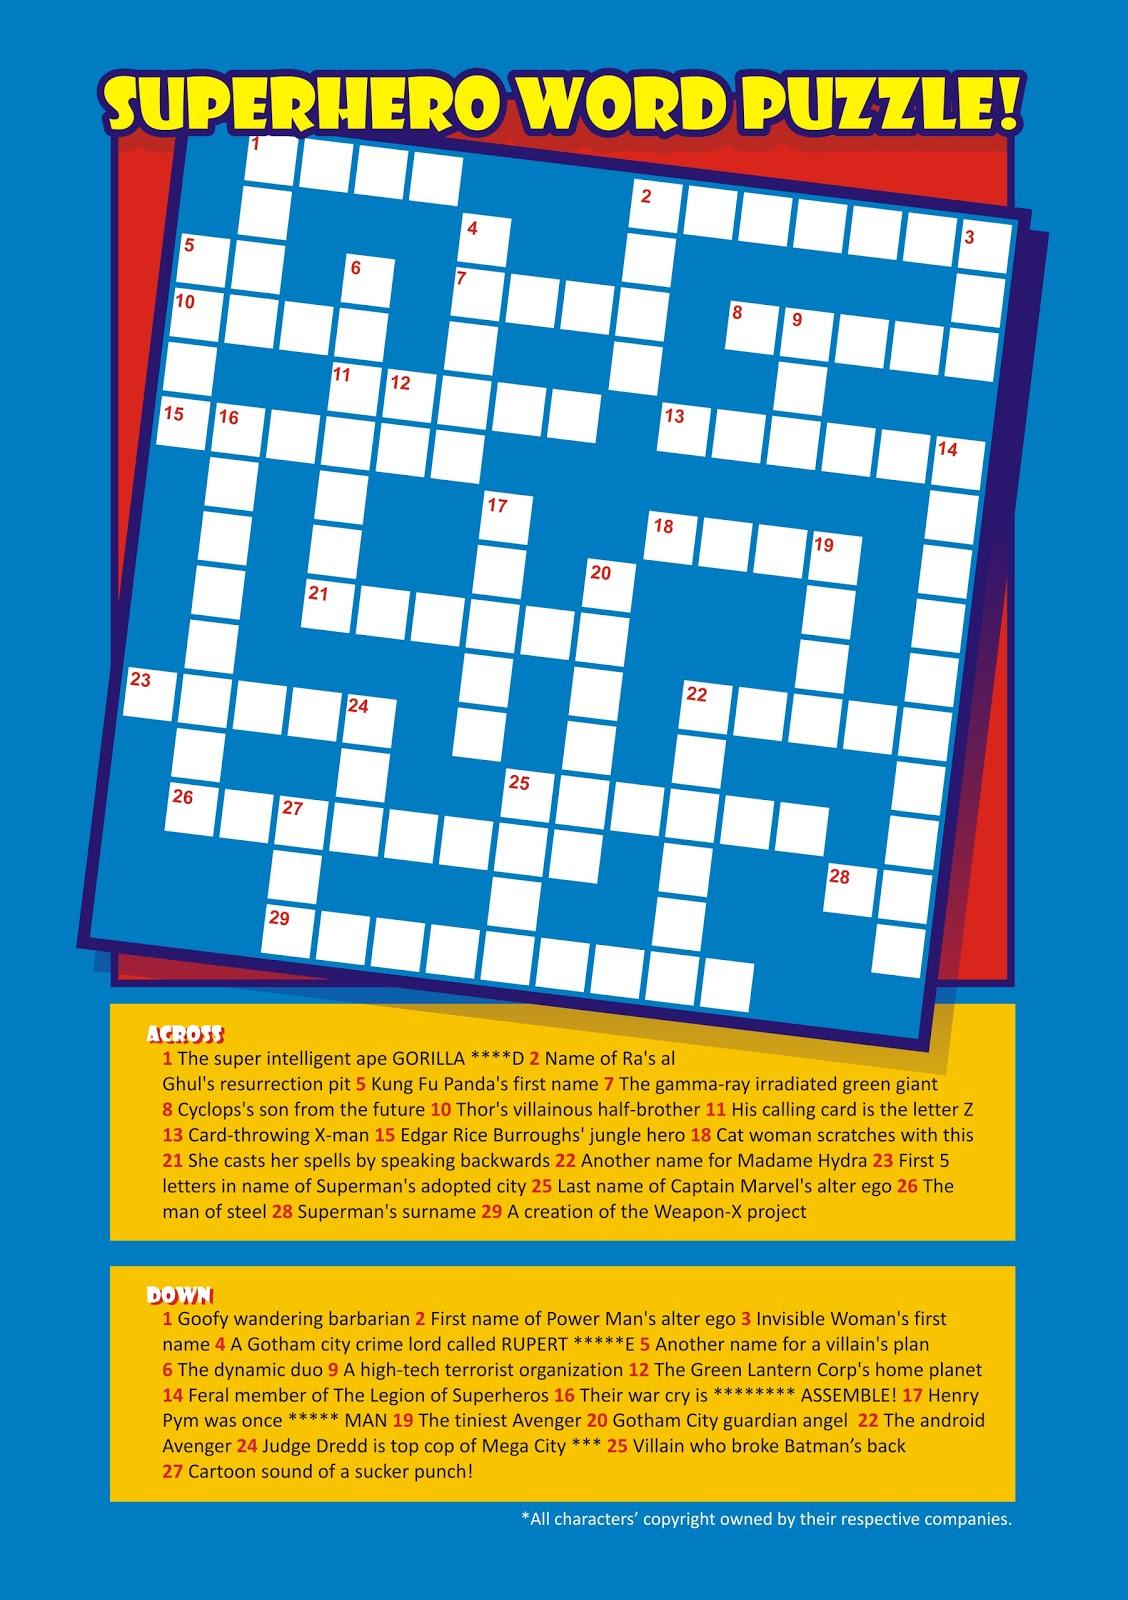 Pizzazz!: Superhero Crossword Puzzle! - Printable Superhero Crossword Puzzle